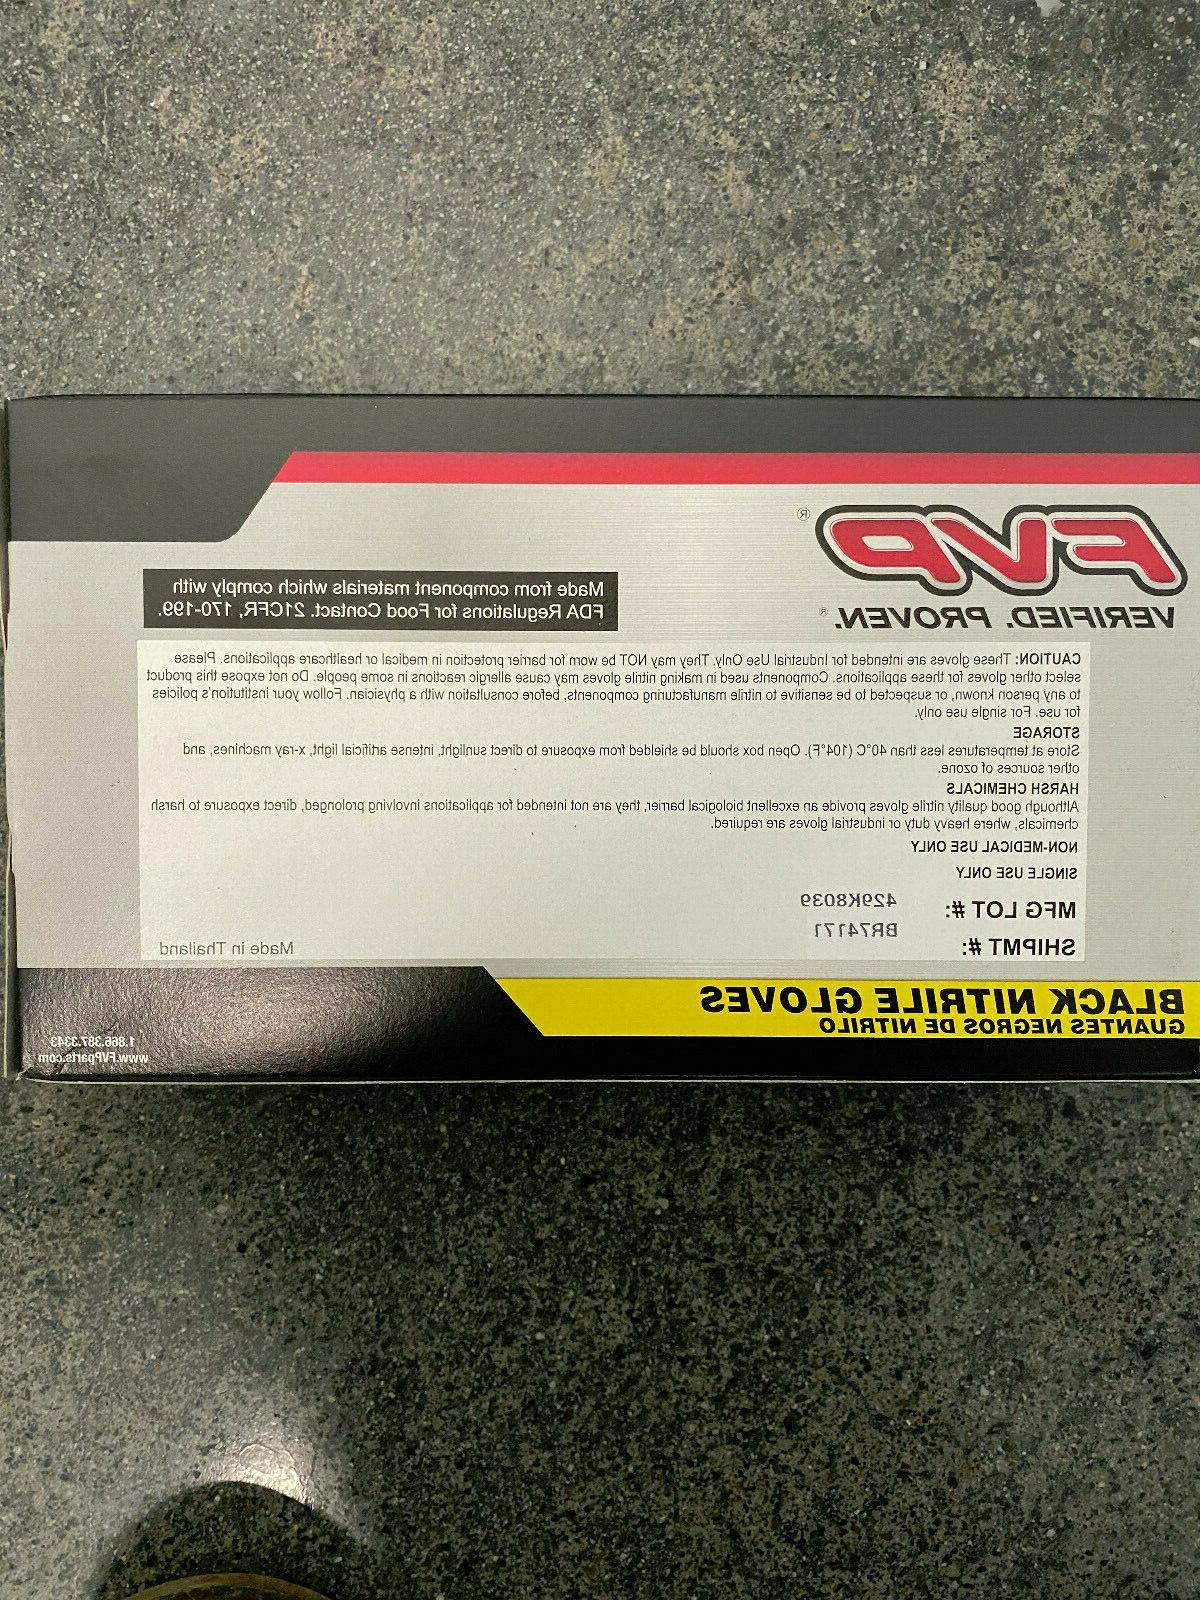 FVP Black Gloves Large Polymer Powder